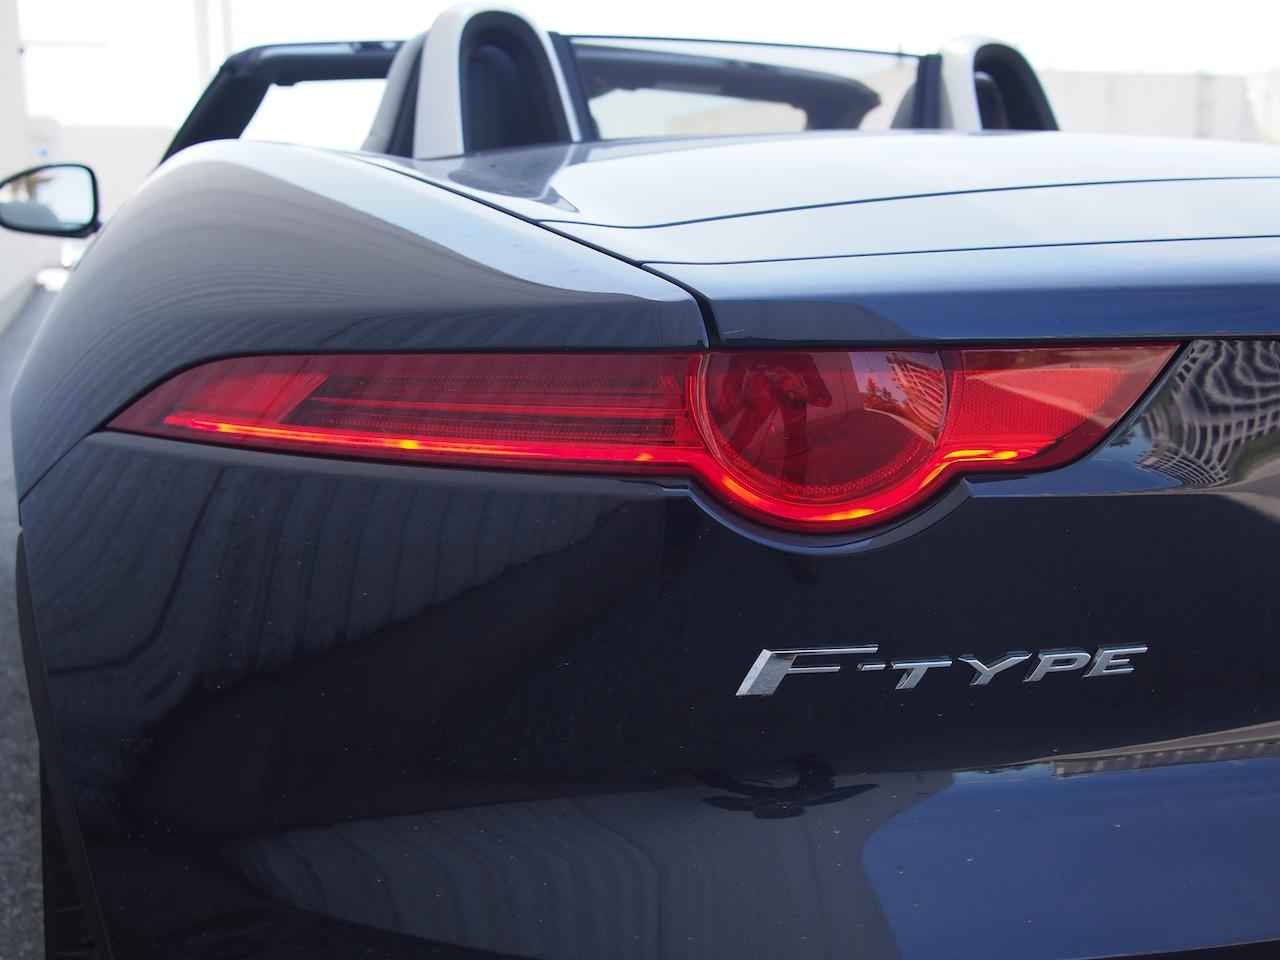 Indigo Car Wallpaper Review 2015 Jaguar F Type V6 Convertible Canadian Auto